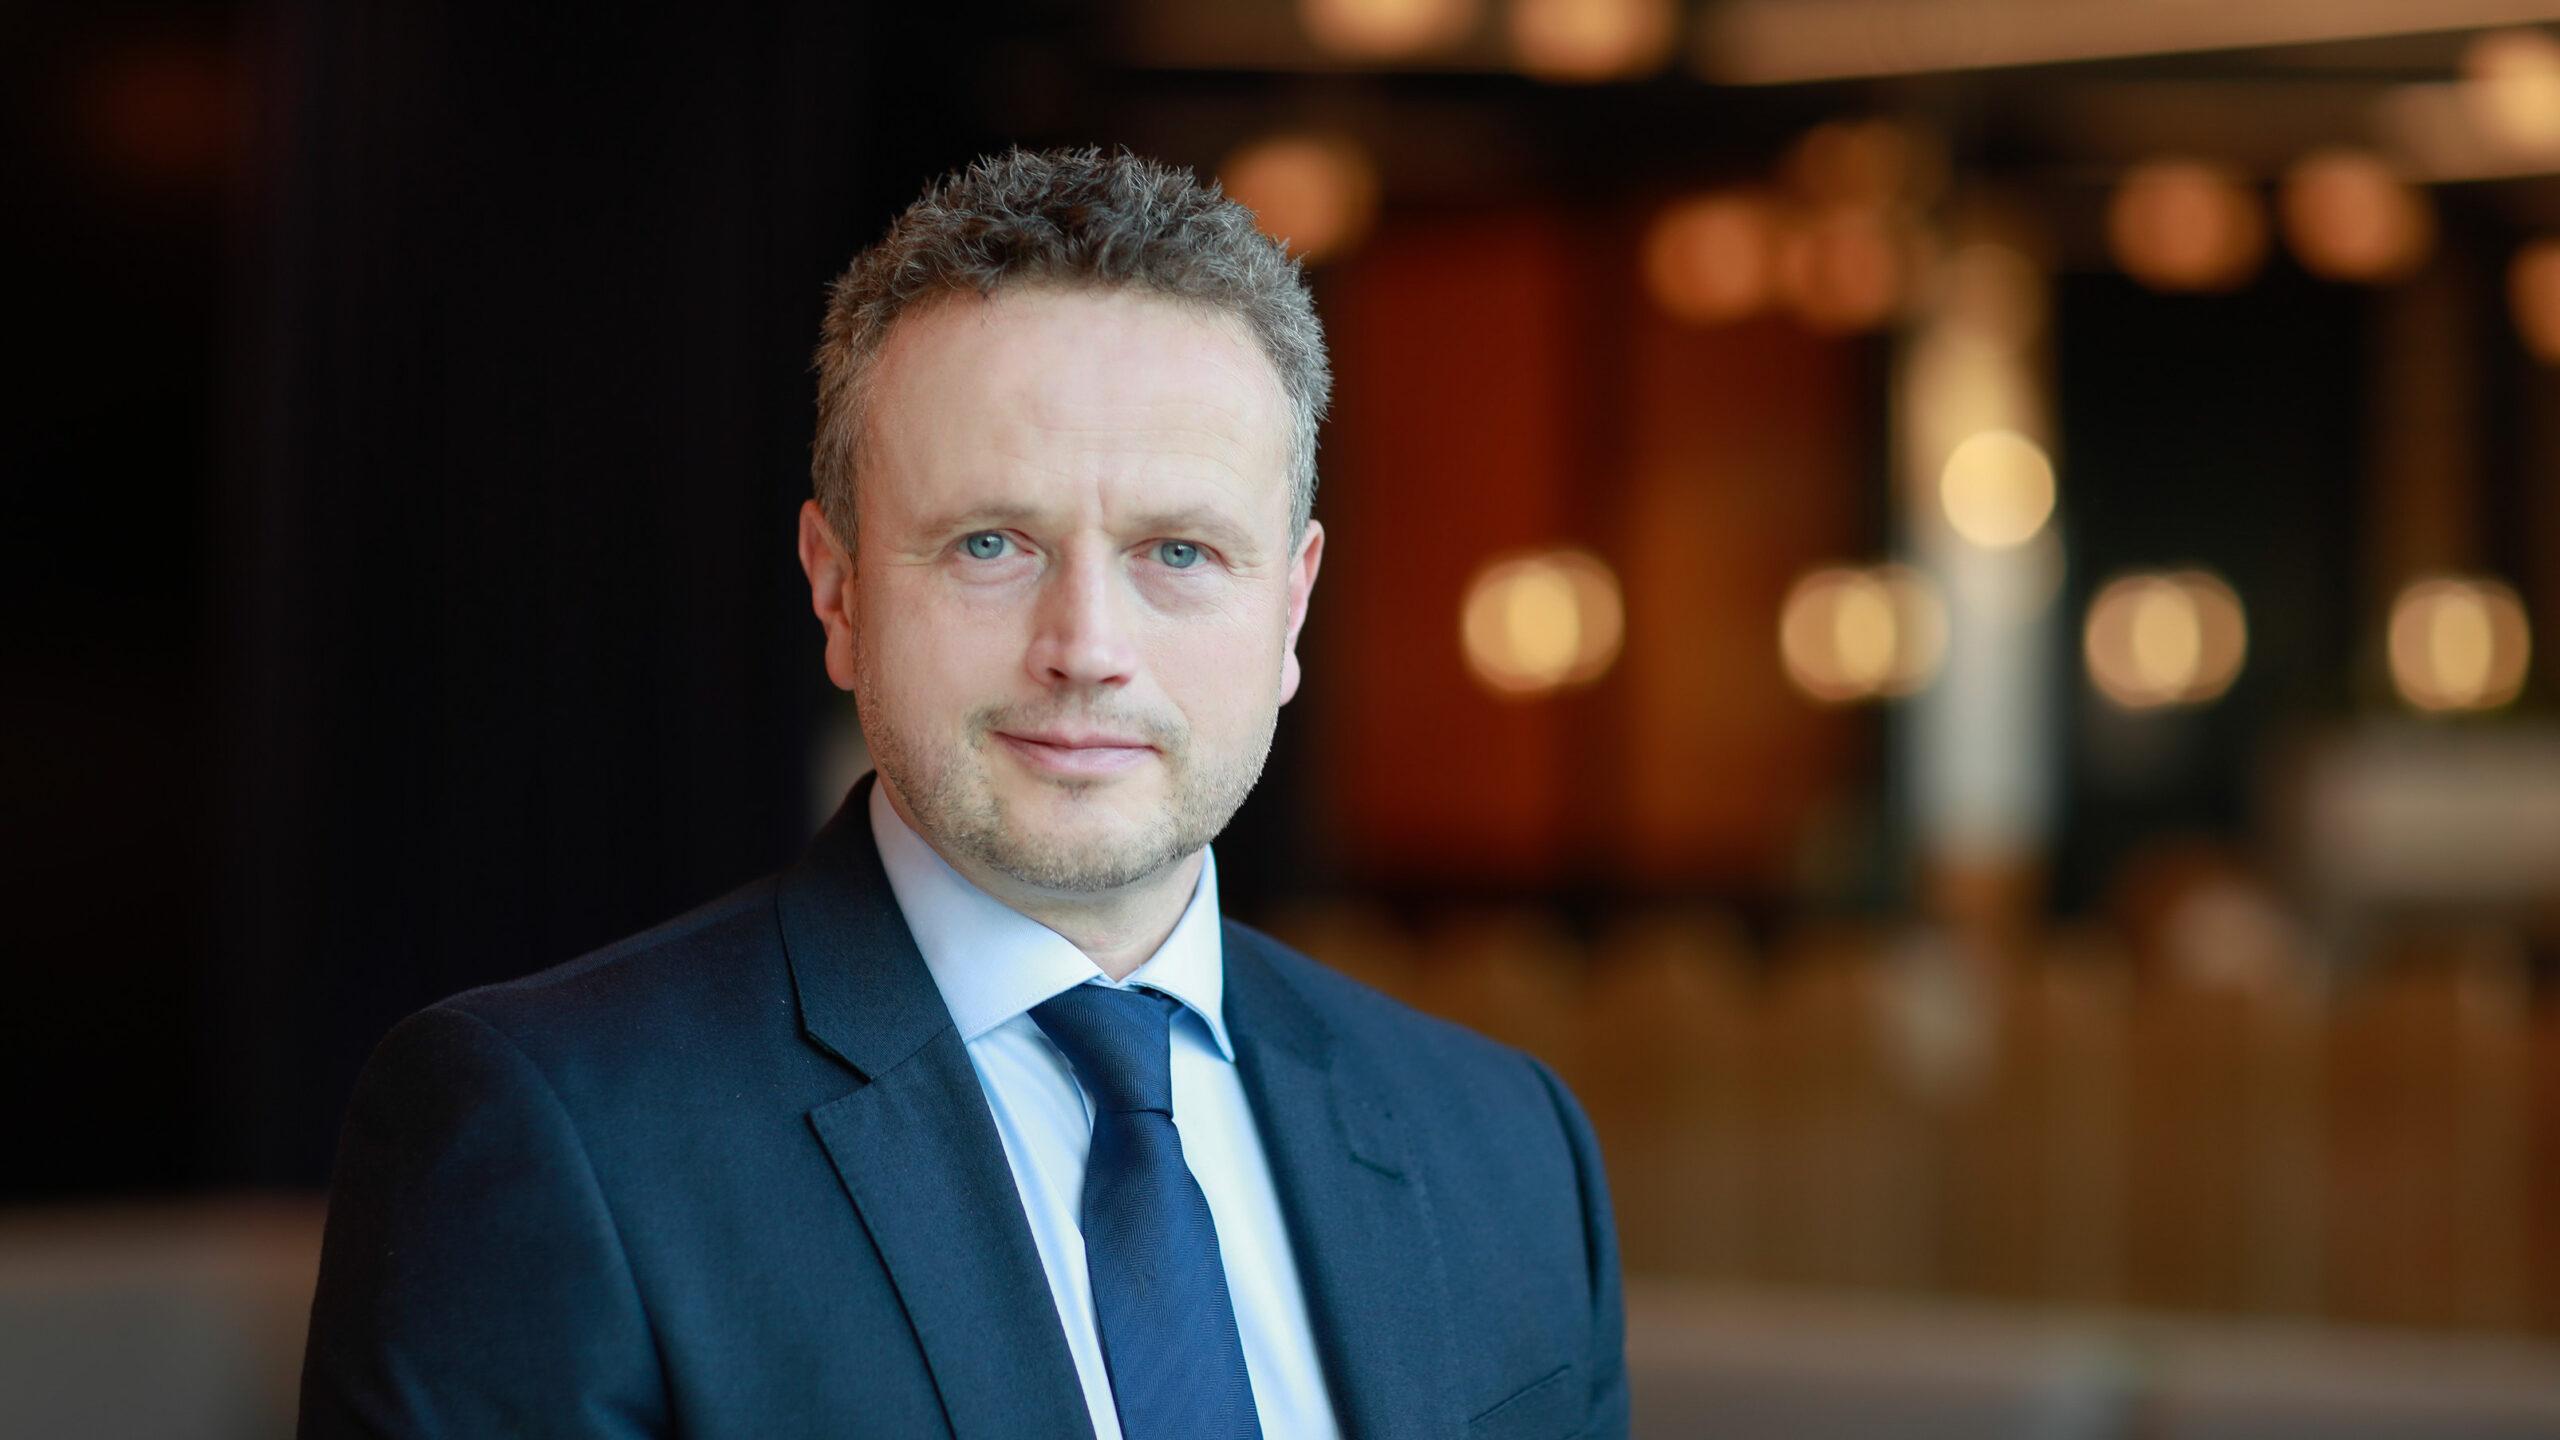 Colliers International z nowym dyrektorem inwestycje MEDIARUN Mark Richardson Colliers 2020 v1 scaled